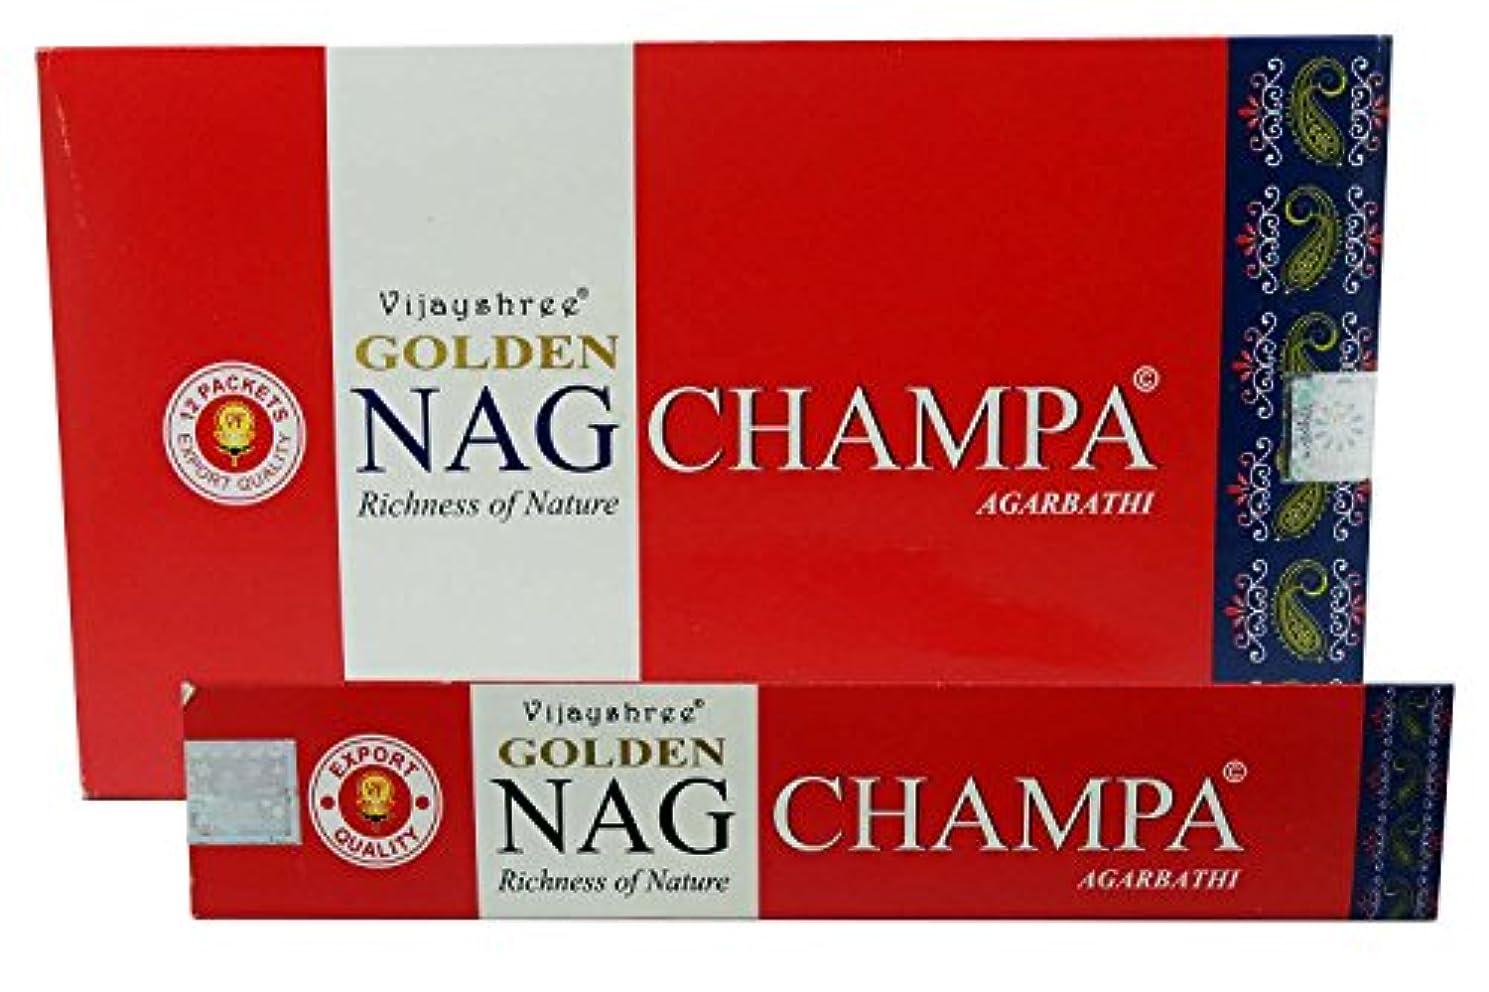 摂氏消毒剤スラダムAgarbathi Vijayshree Golden Nag Champa Incense Sticks 15 g x 12